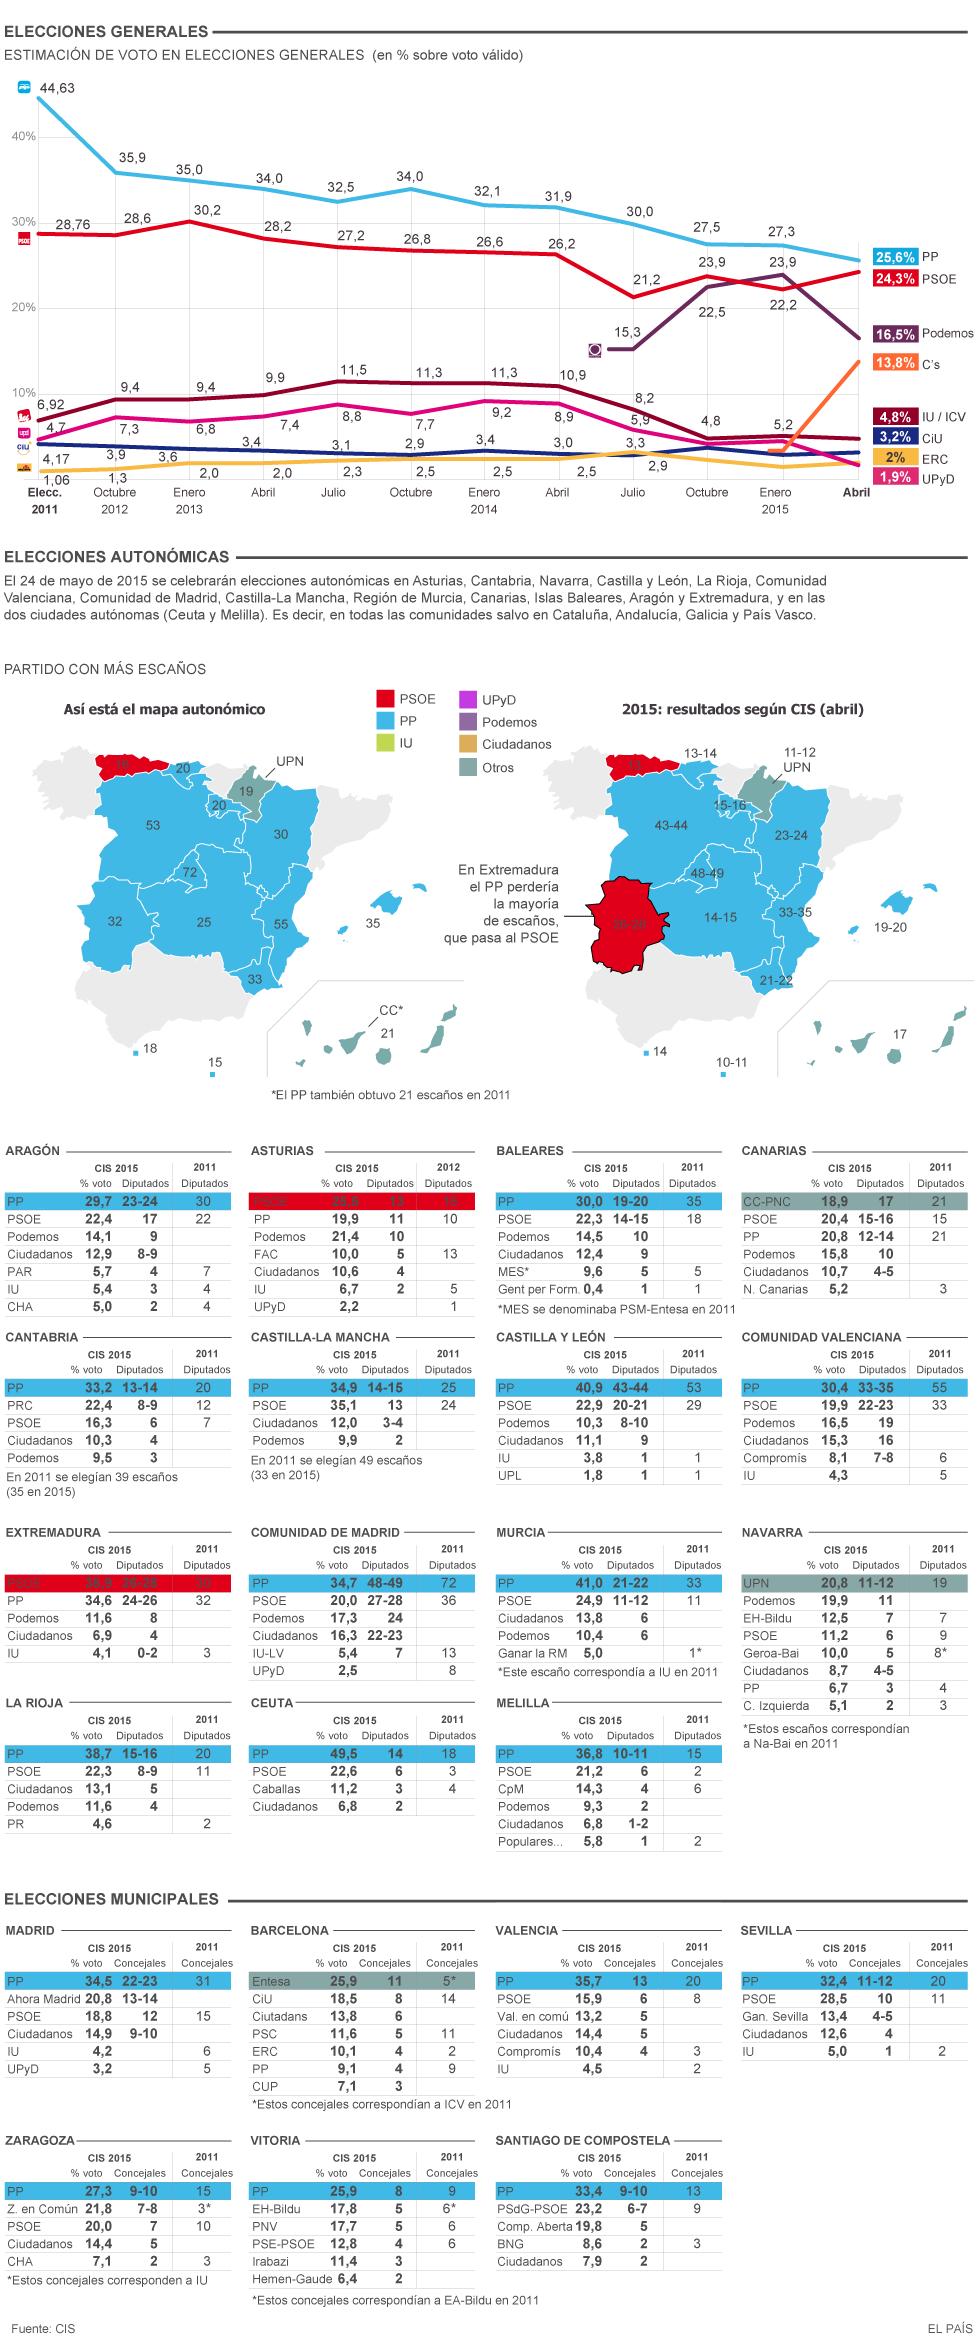 Barómetro CIS de abril 2015